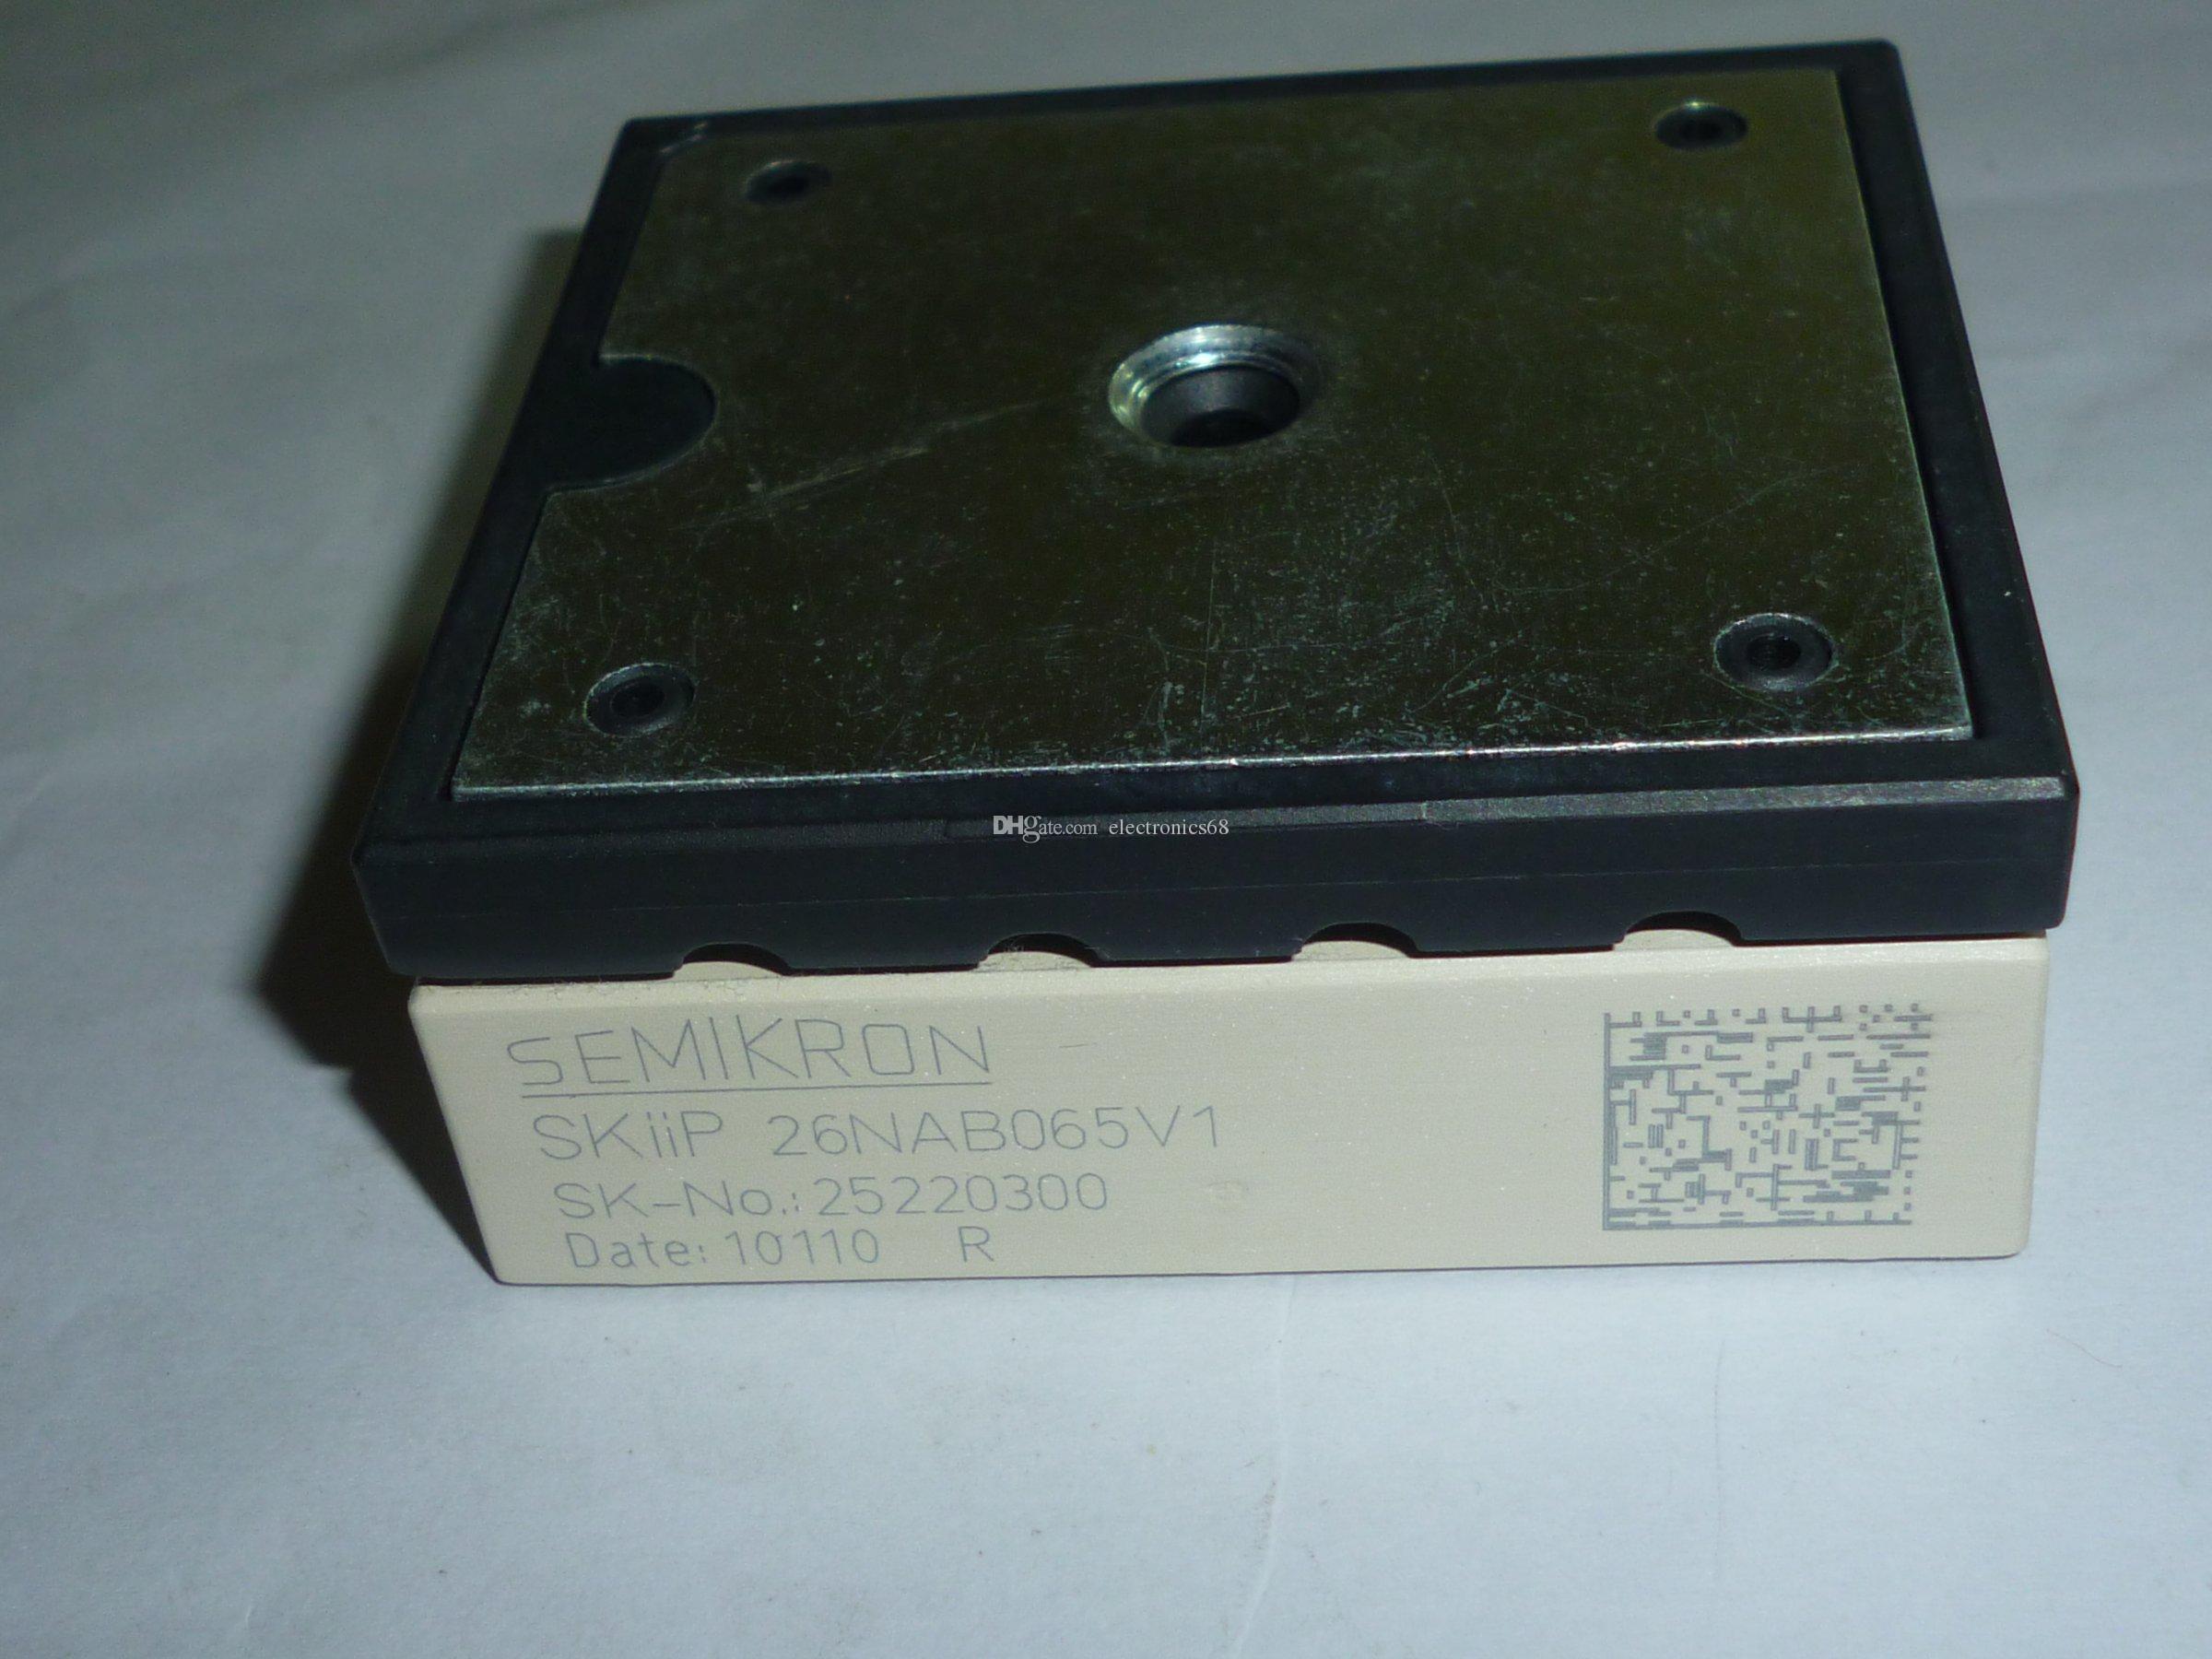 SKIIP26NAB065V1 MODUL 3-Phasen-Brückengleichrichter + Bremschopper + 3-Phasen-Brückenwechselrichter